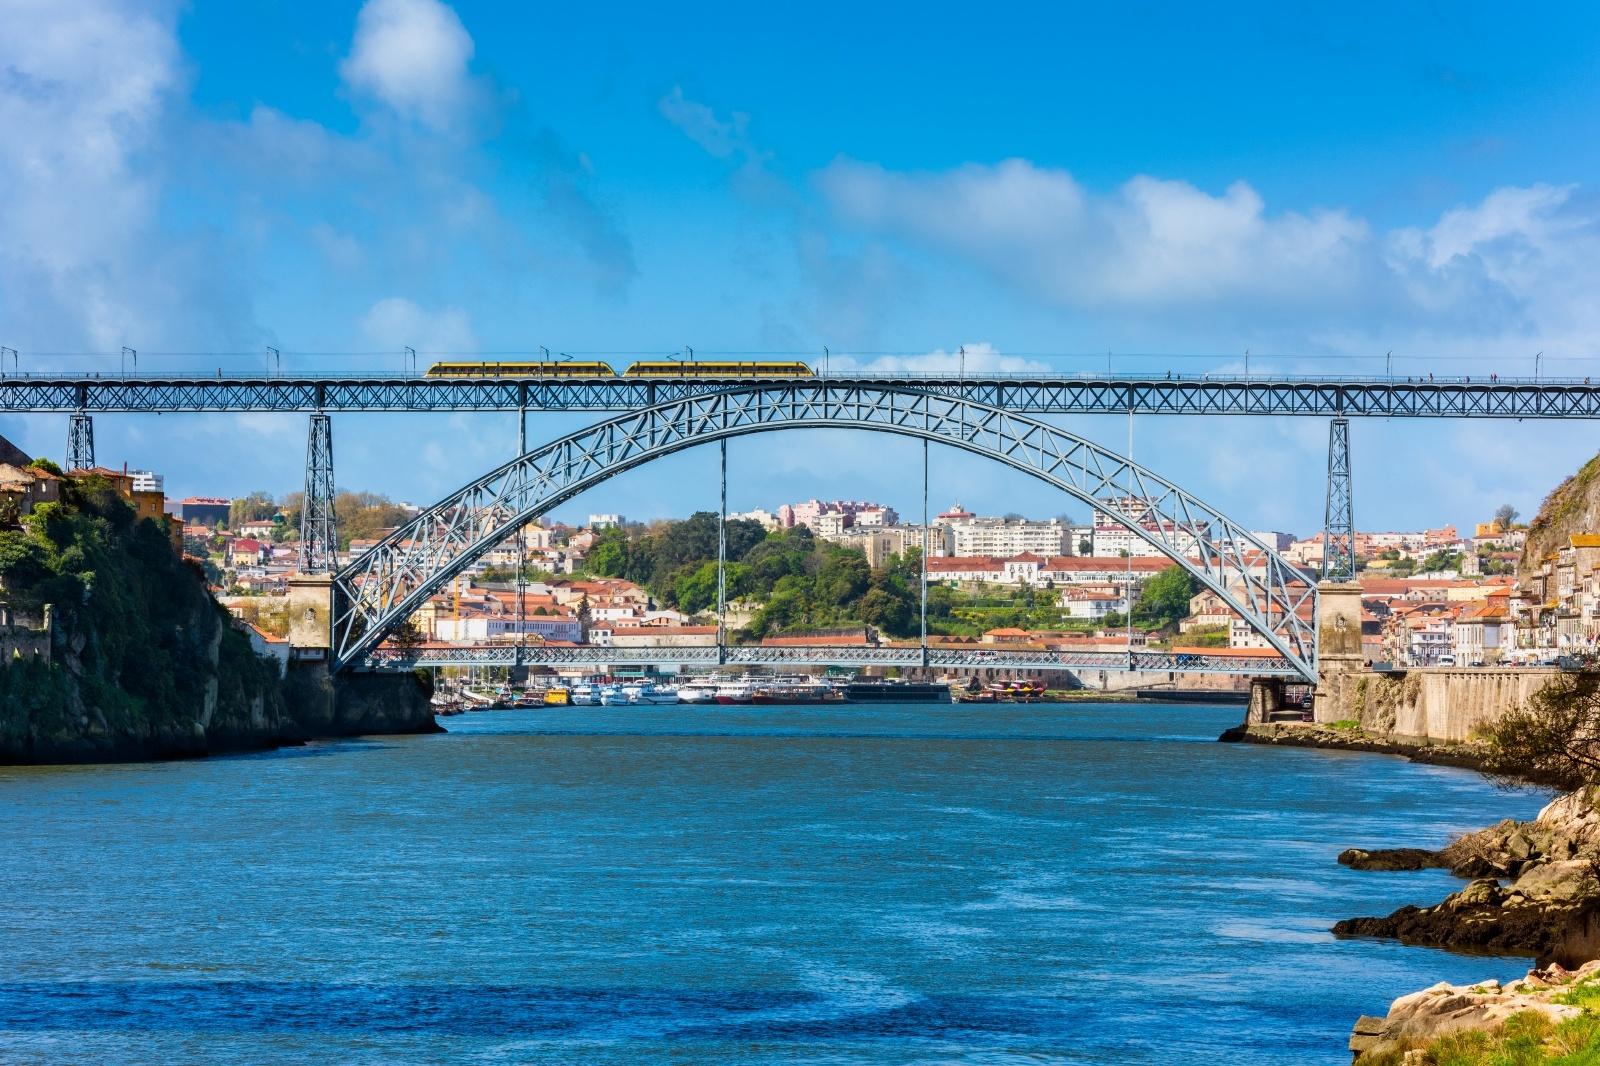 ドン・ルイス1世橋を渡るメトロ ポルトガルの鉄道風景